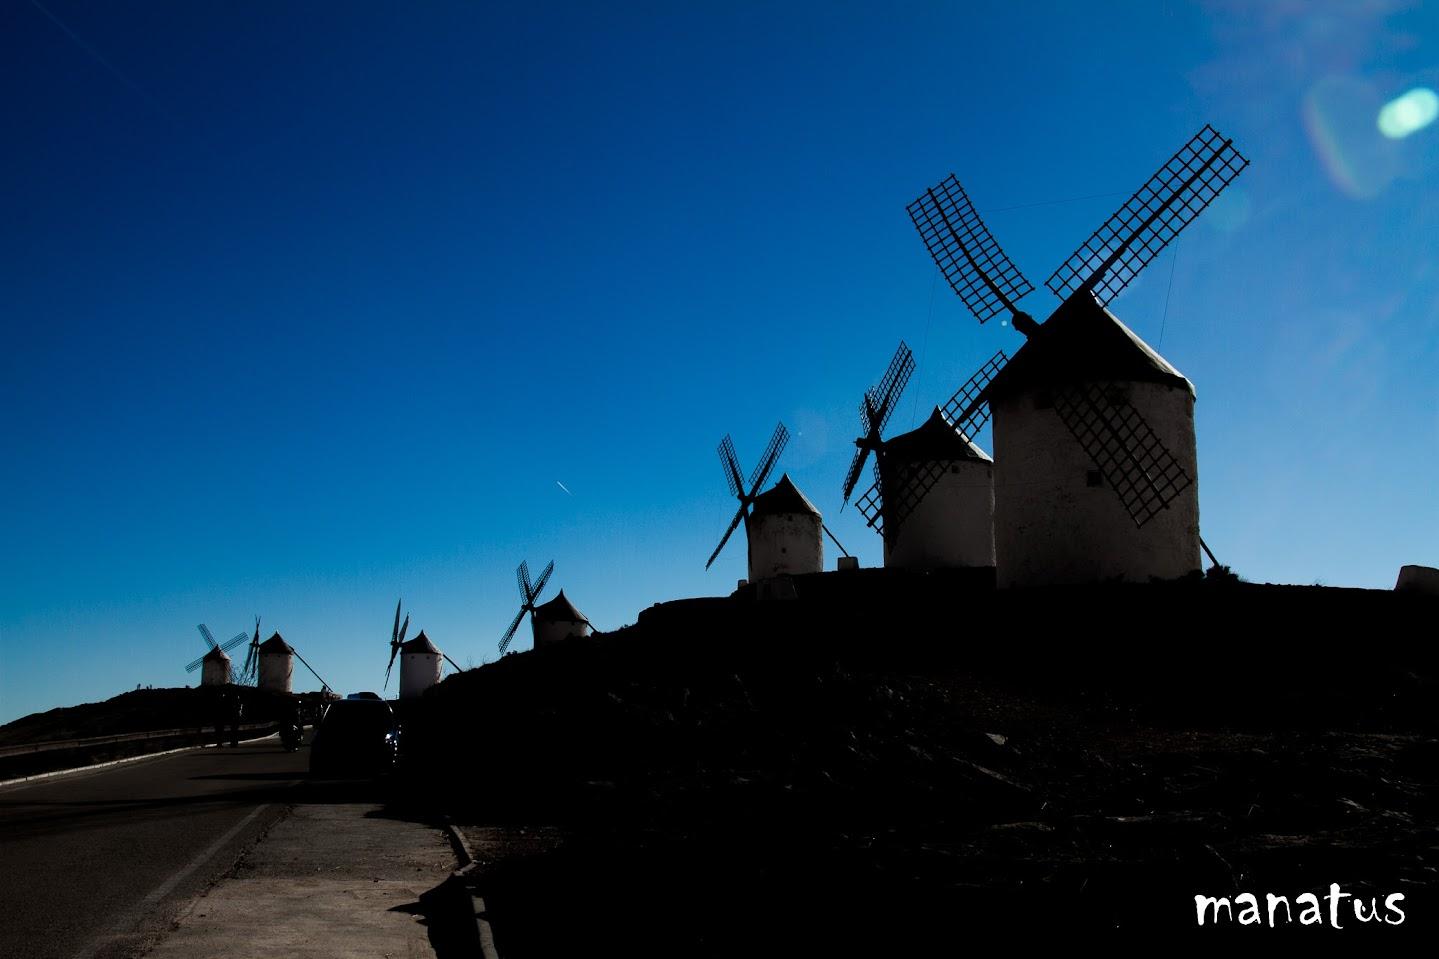 manatus molinos de viento contraluz